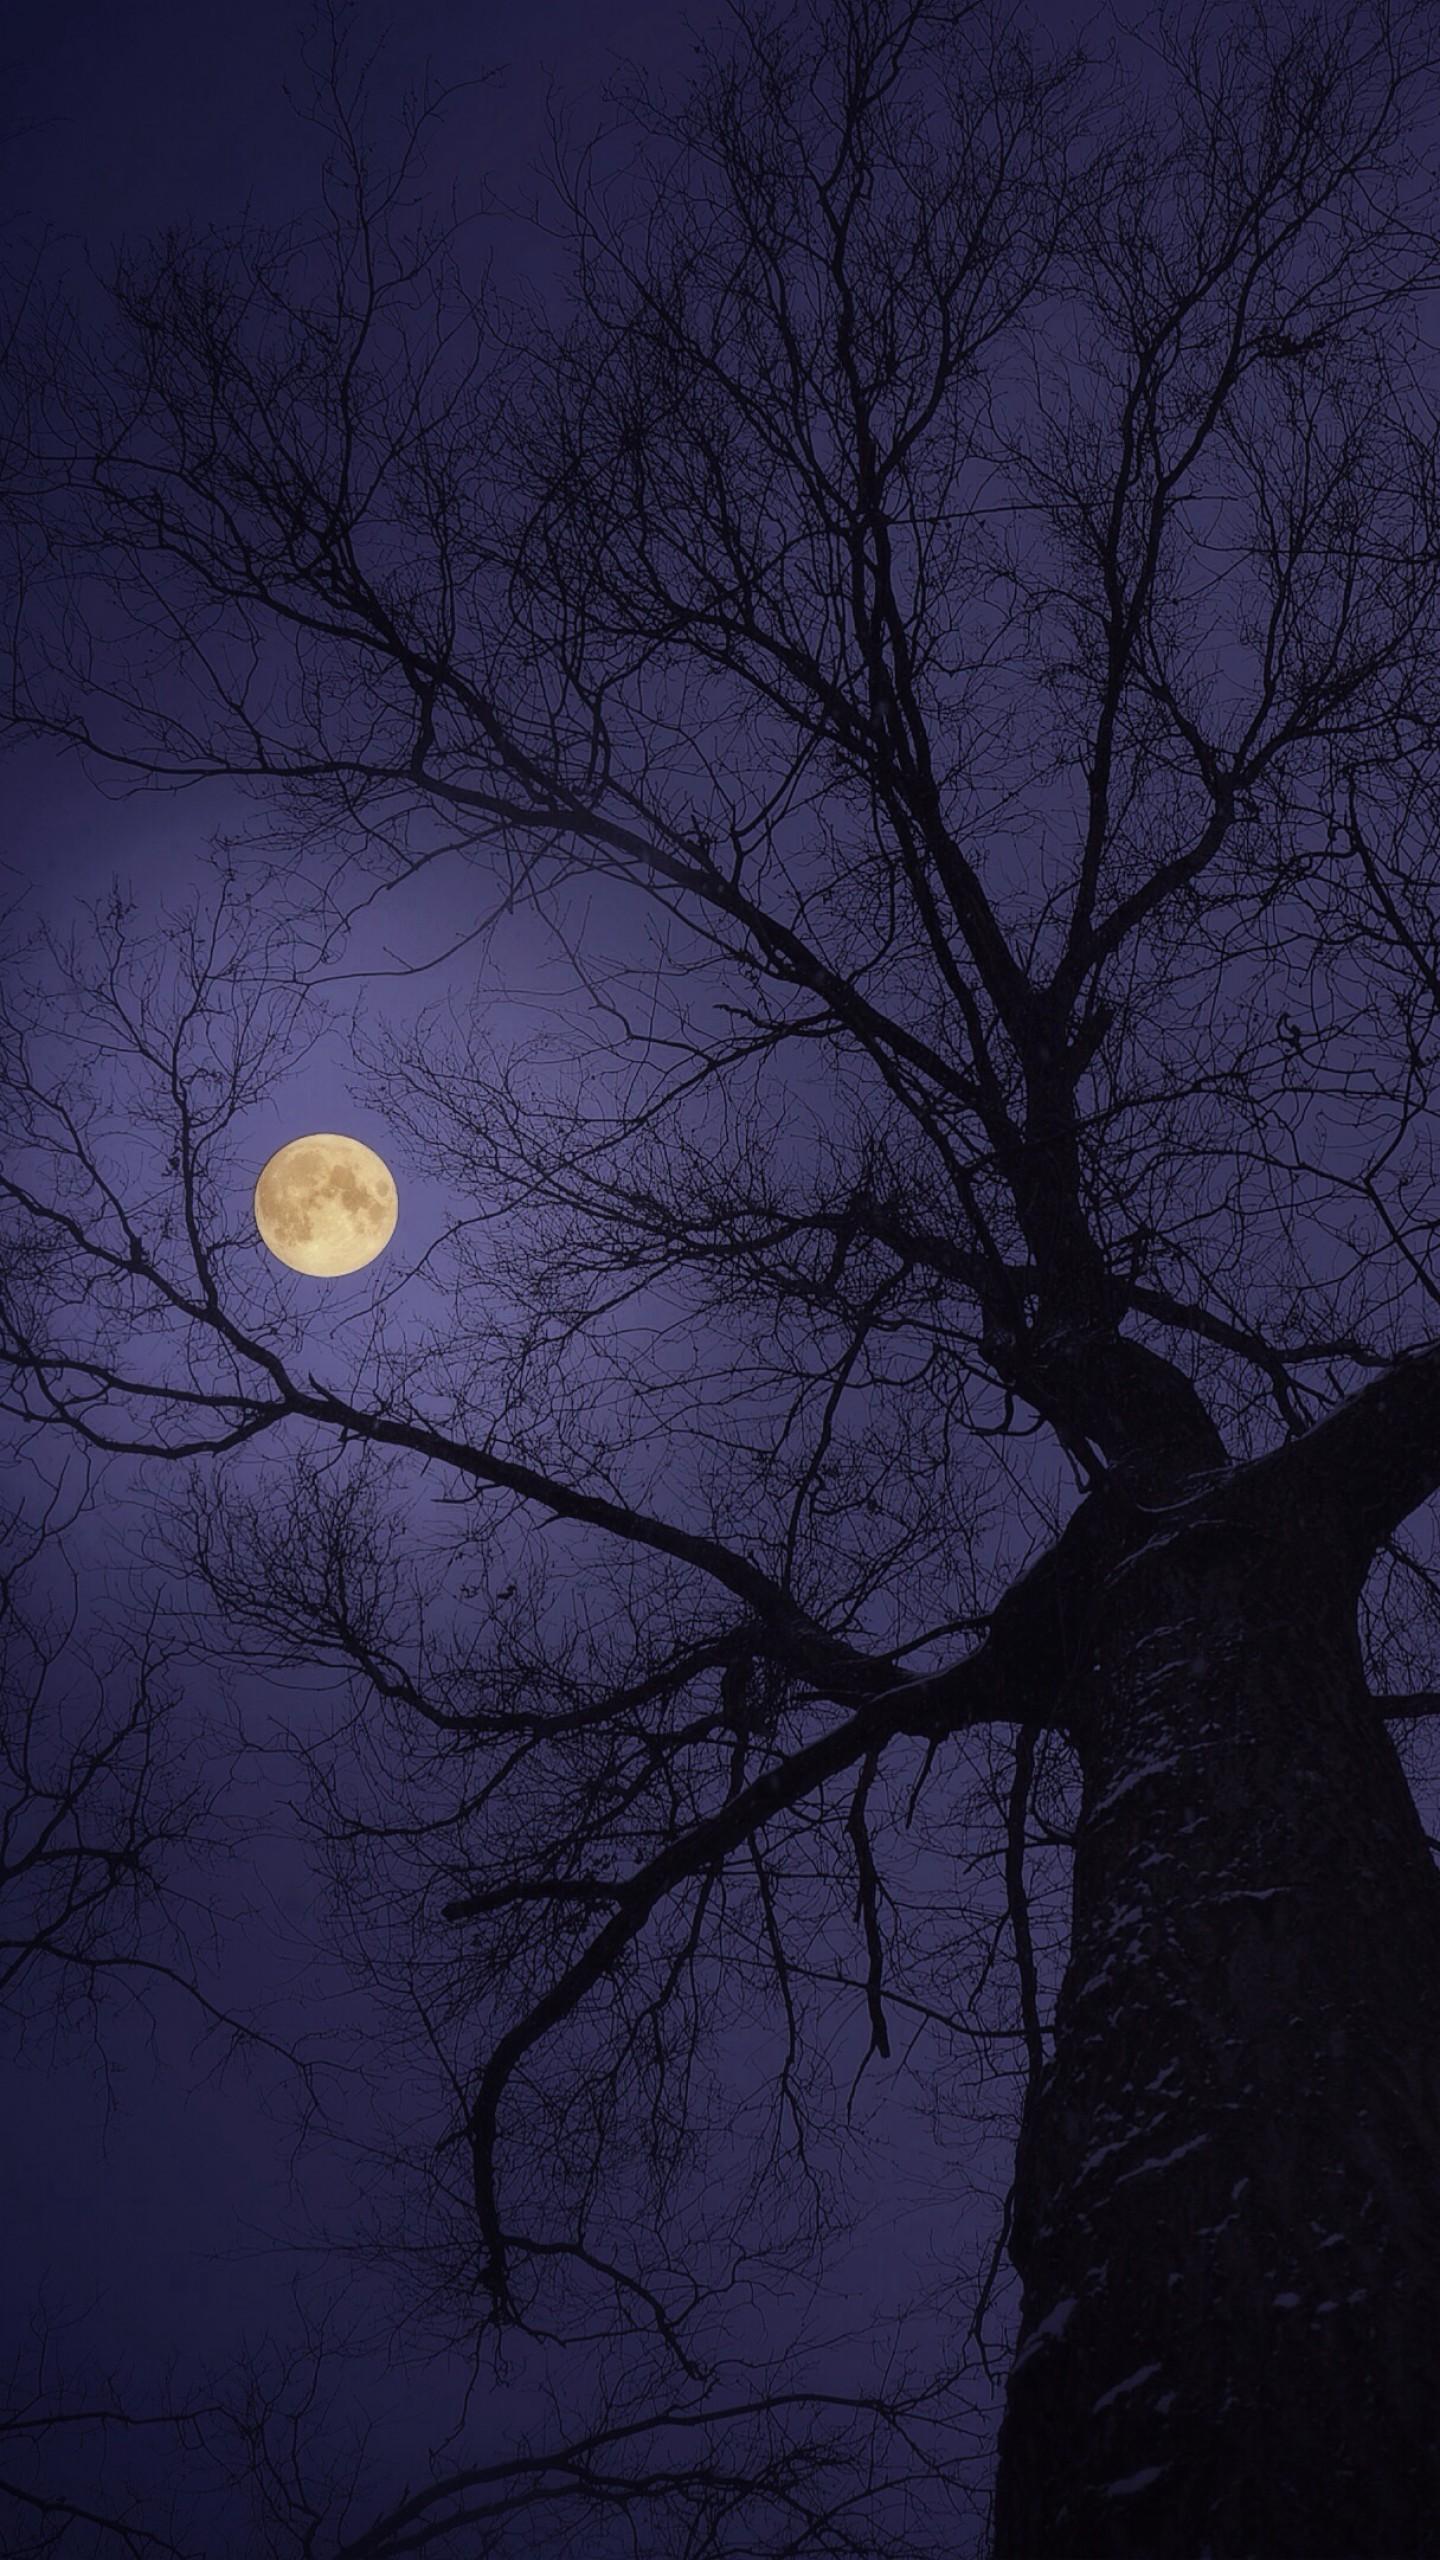 عکس زمینه ماه کامل بر فراز درخت تنومند پس زمینه